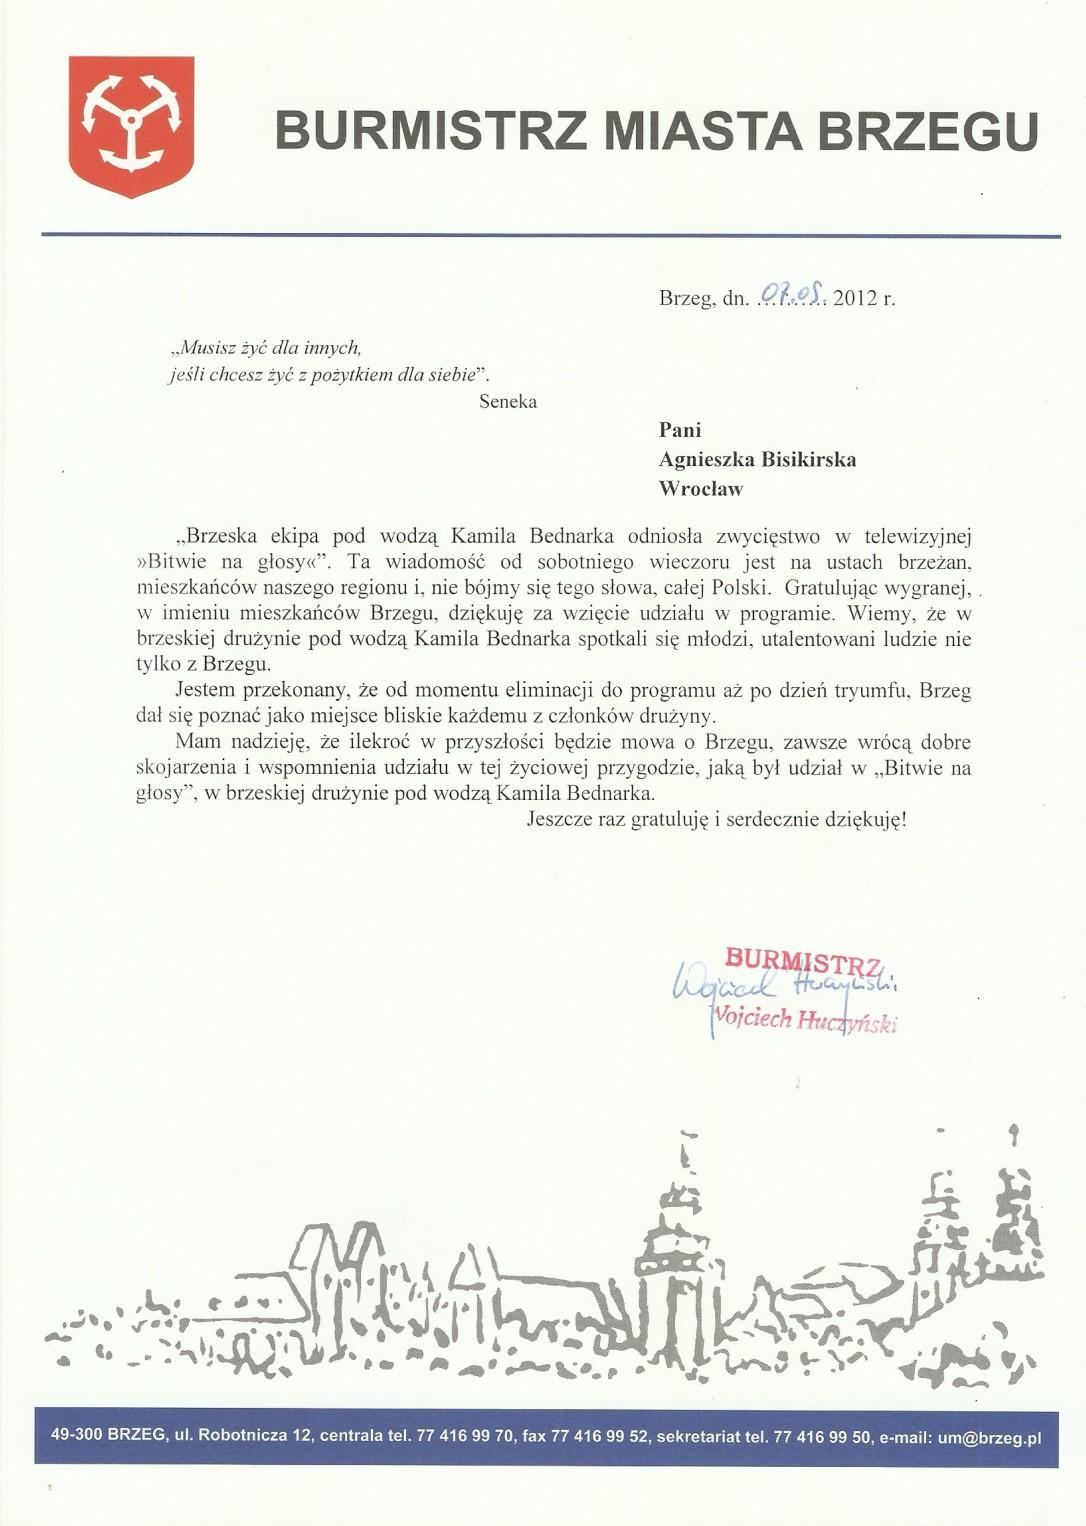 referencje_Bitwa_na_glosy_burmistrz_brzegu-1